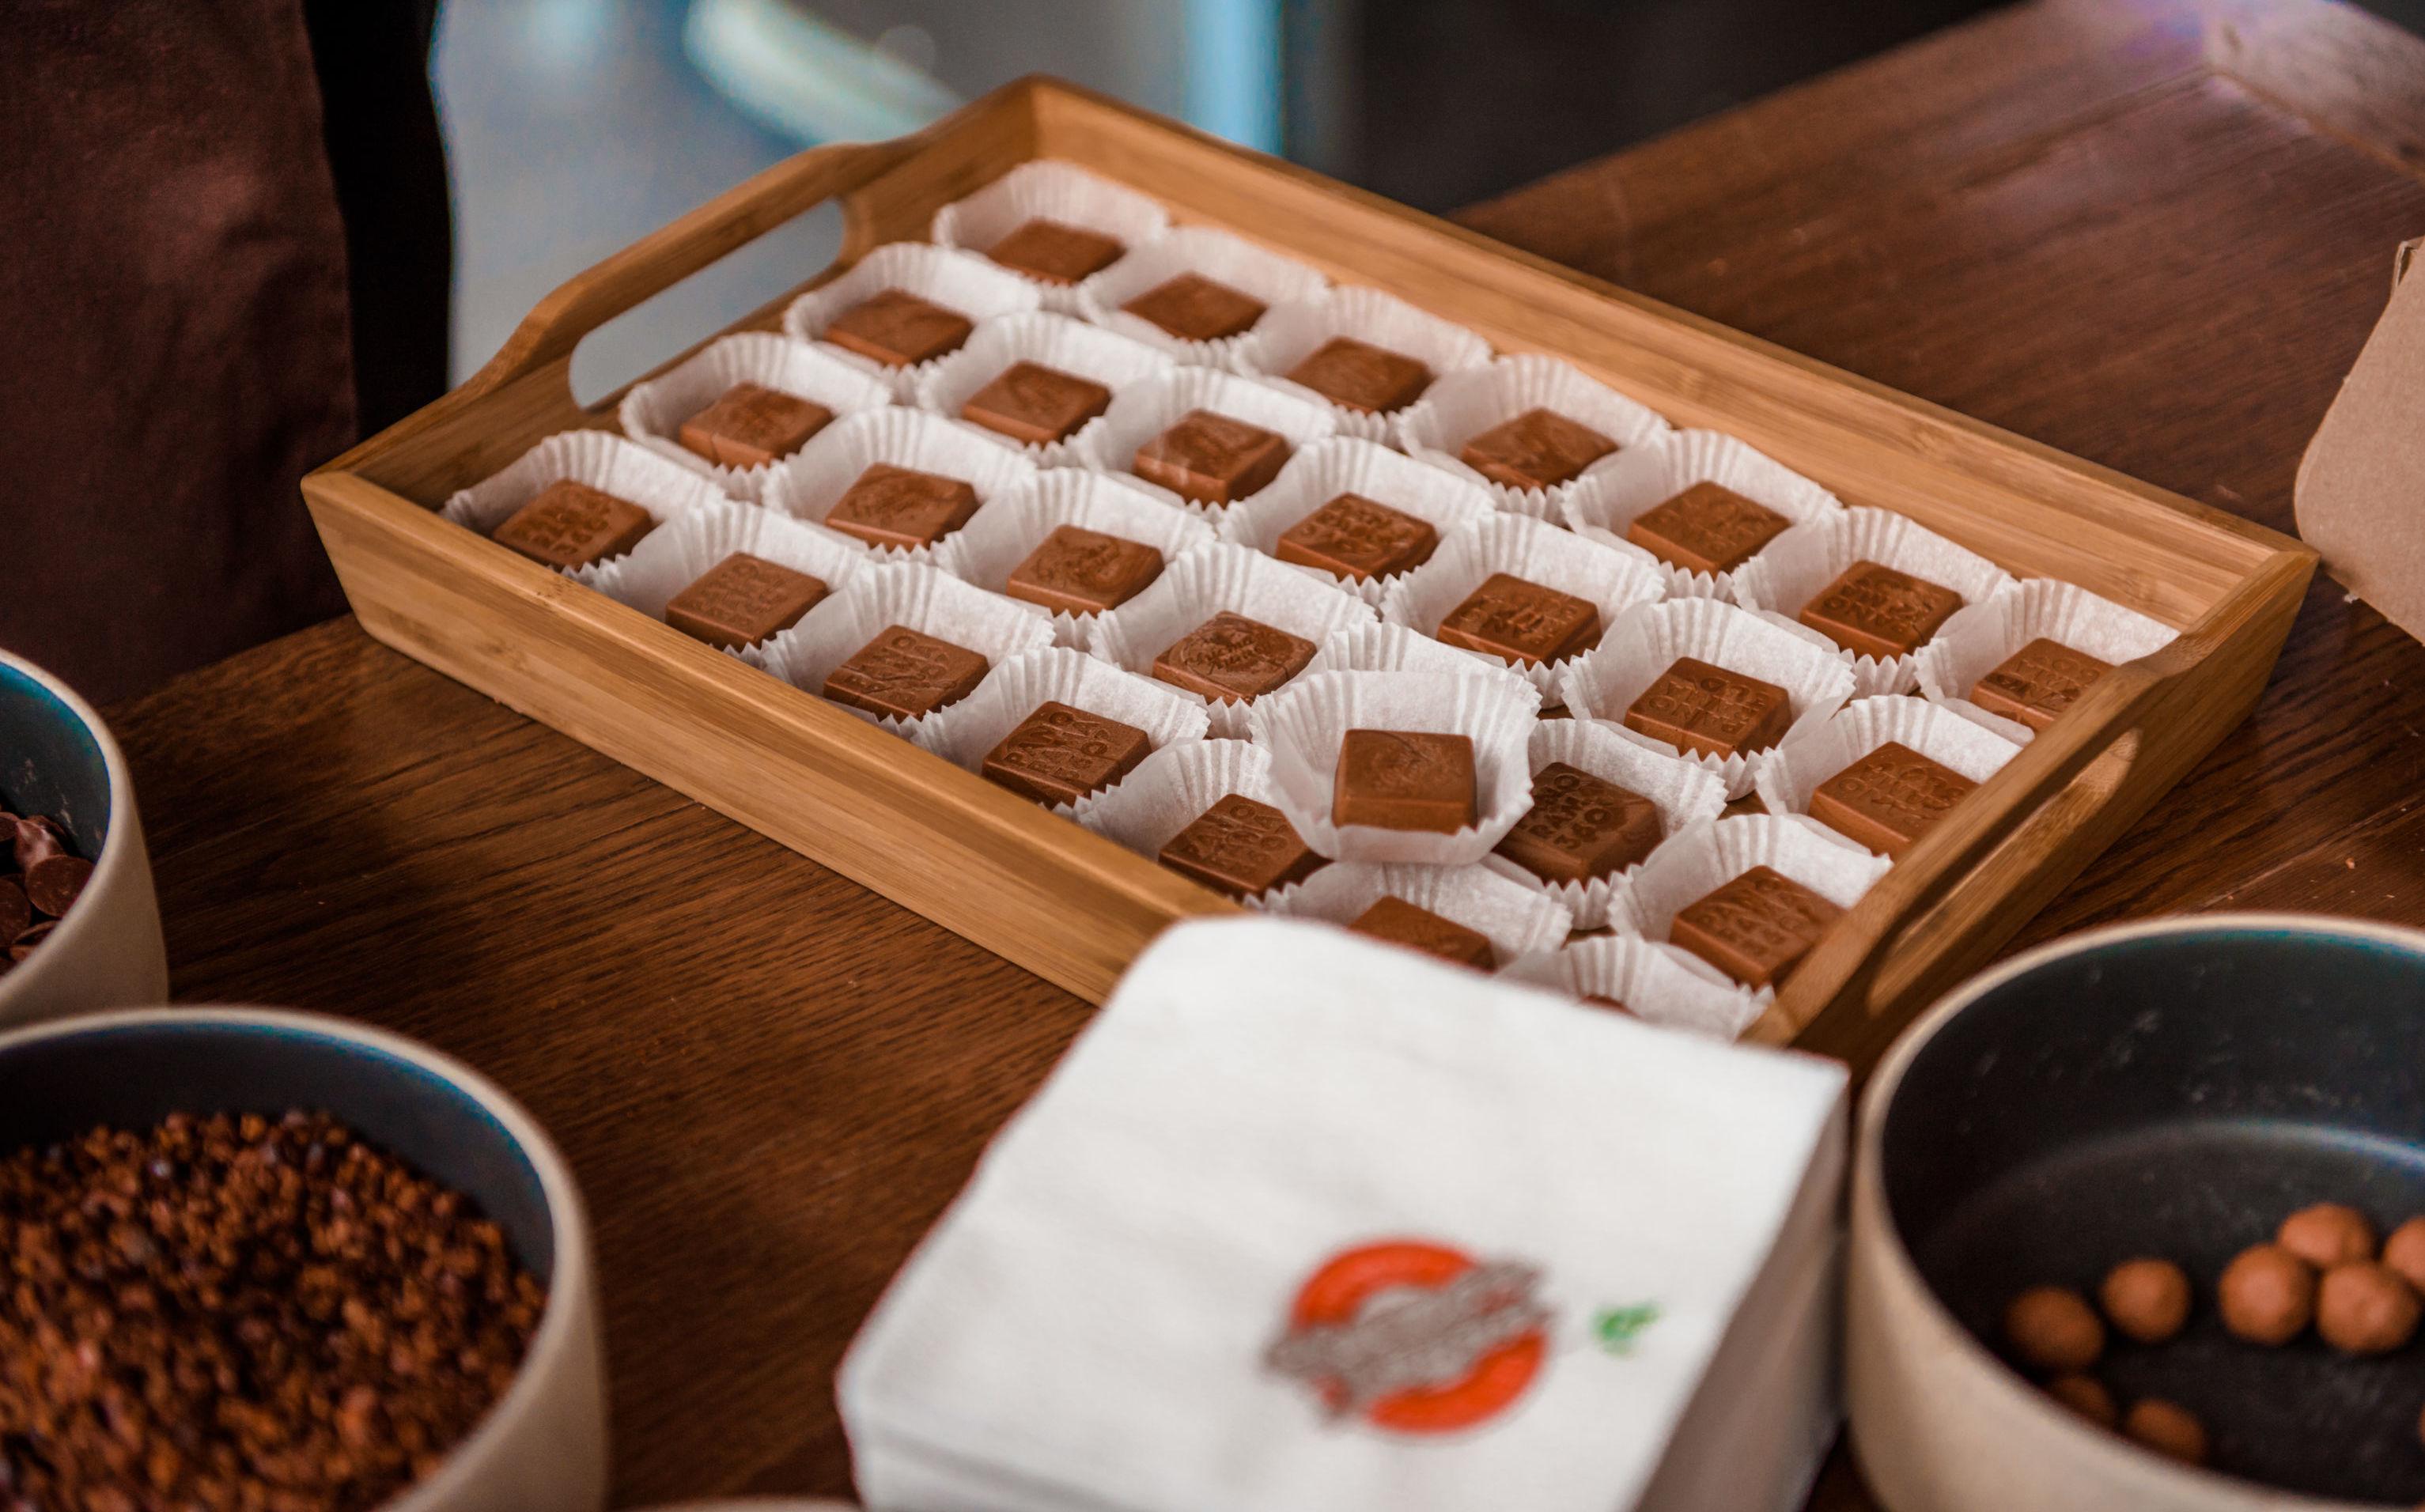 La fábrica utiliza las semillas de cacao peruanas y produce chocolate con leche y bolitas de chocolate con avellanas.